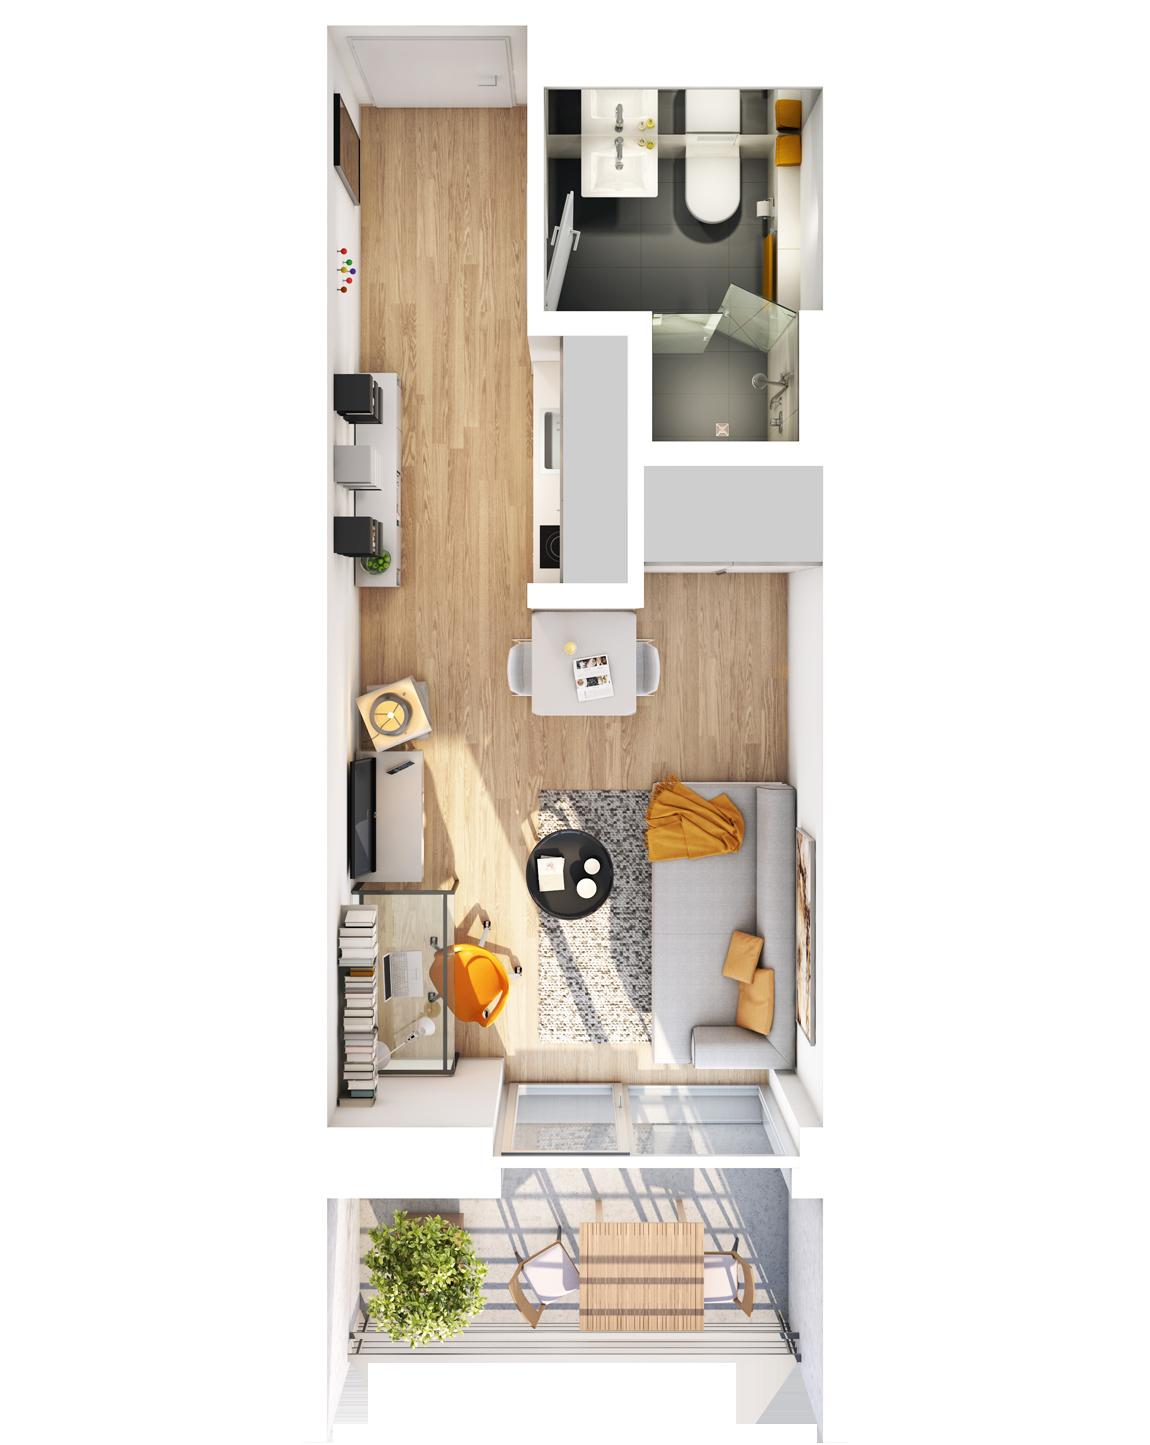 Visualisierung Beispiel 1-Zimmer-Wohnung Typ A mit Bad, Küchenzeile, Wohnbereich und Balkon (spiegelverkehrt) im studiosus 5 Apartmenthaus in Augsburg